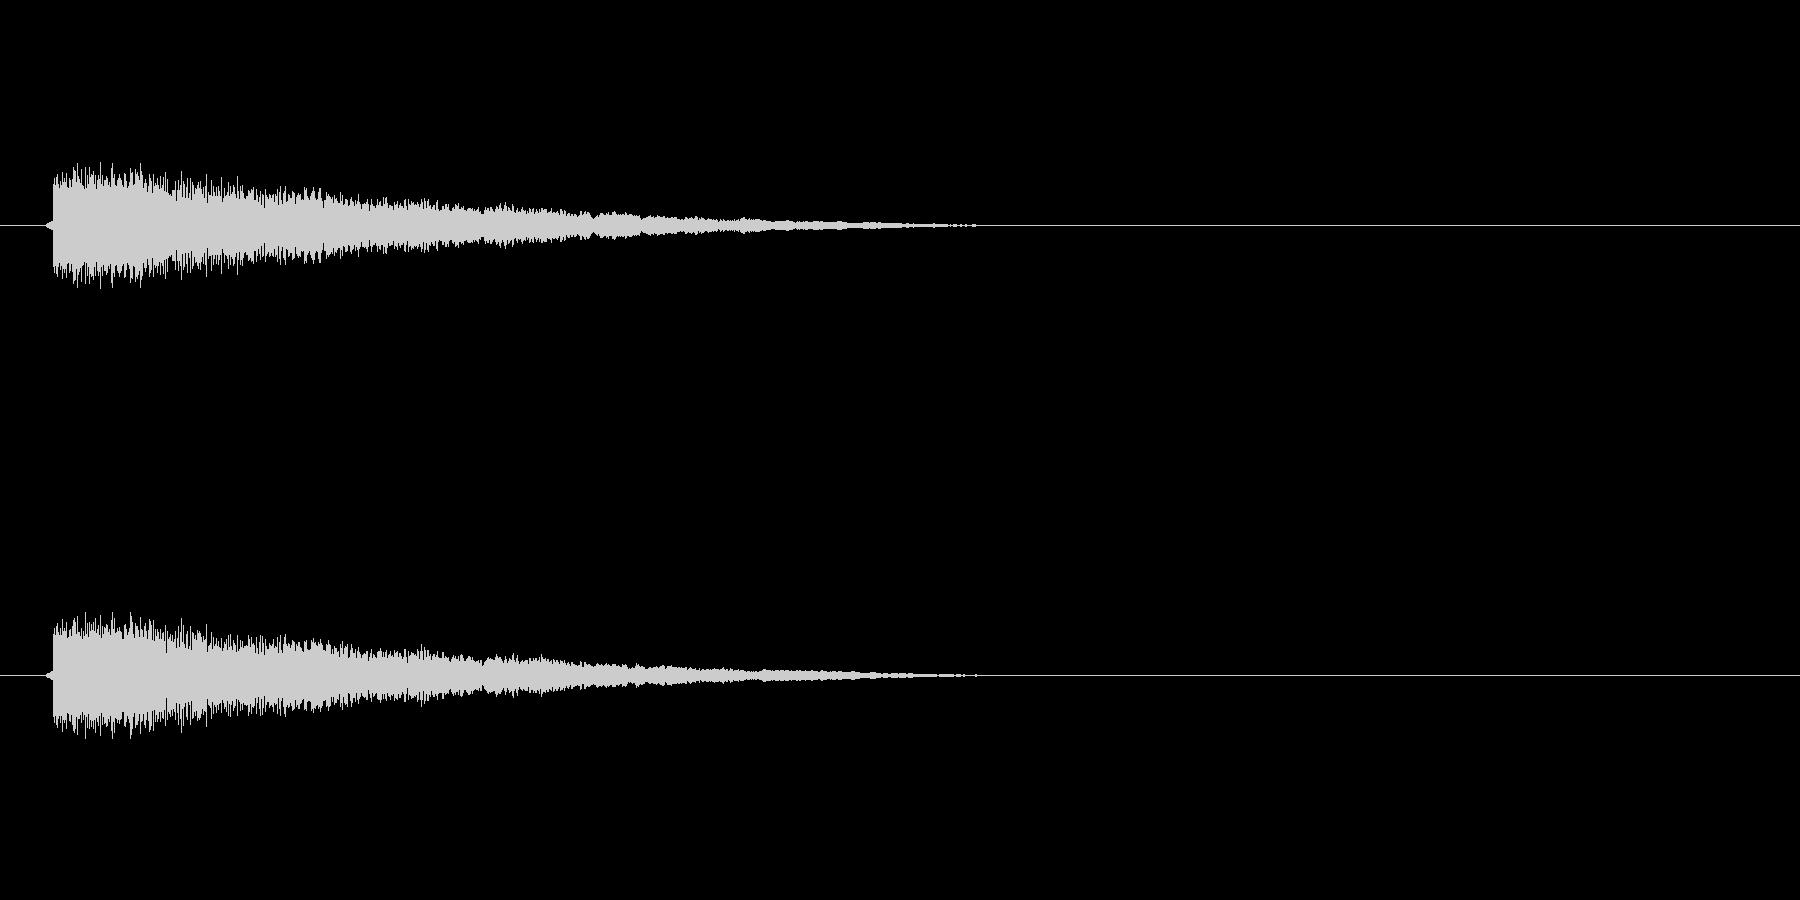 【ネガティブ03-2】の未再生の波形